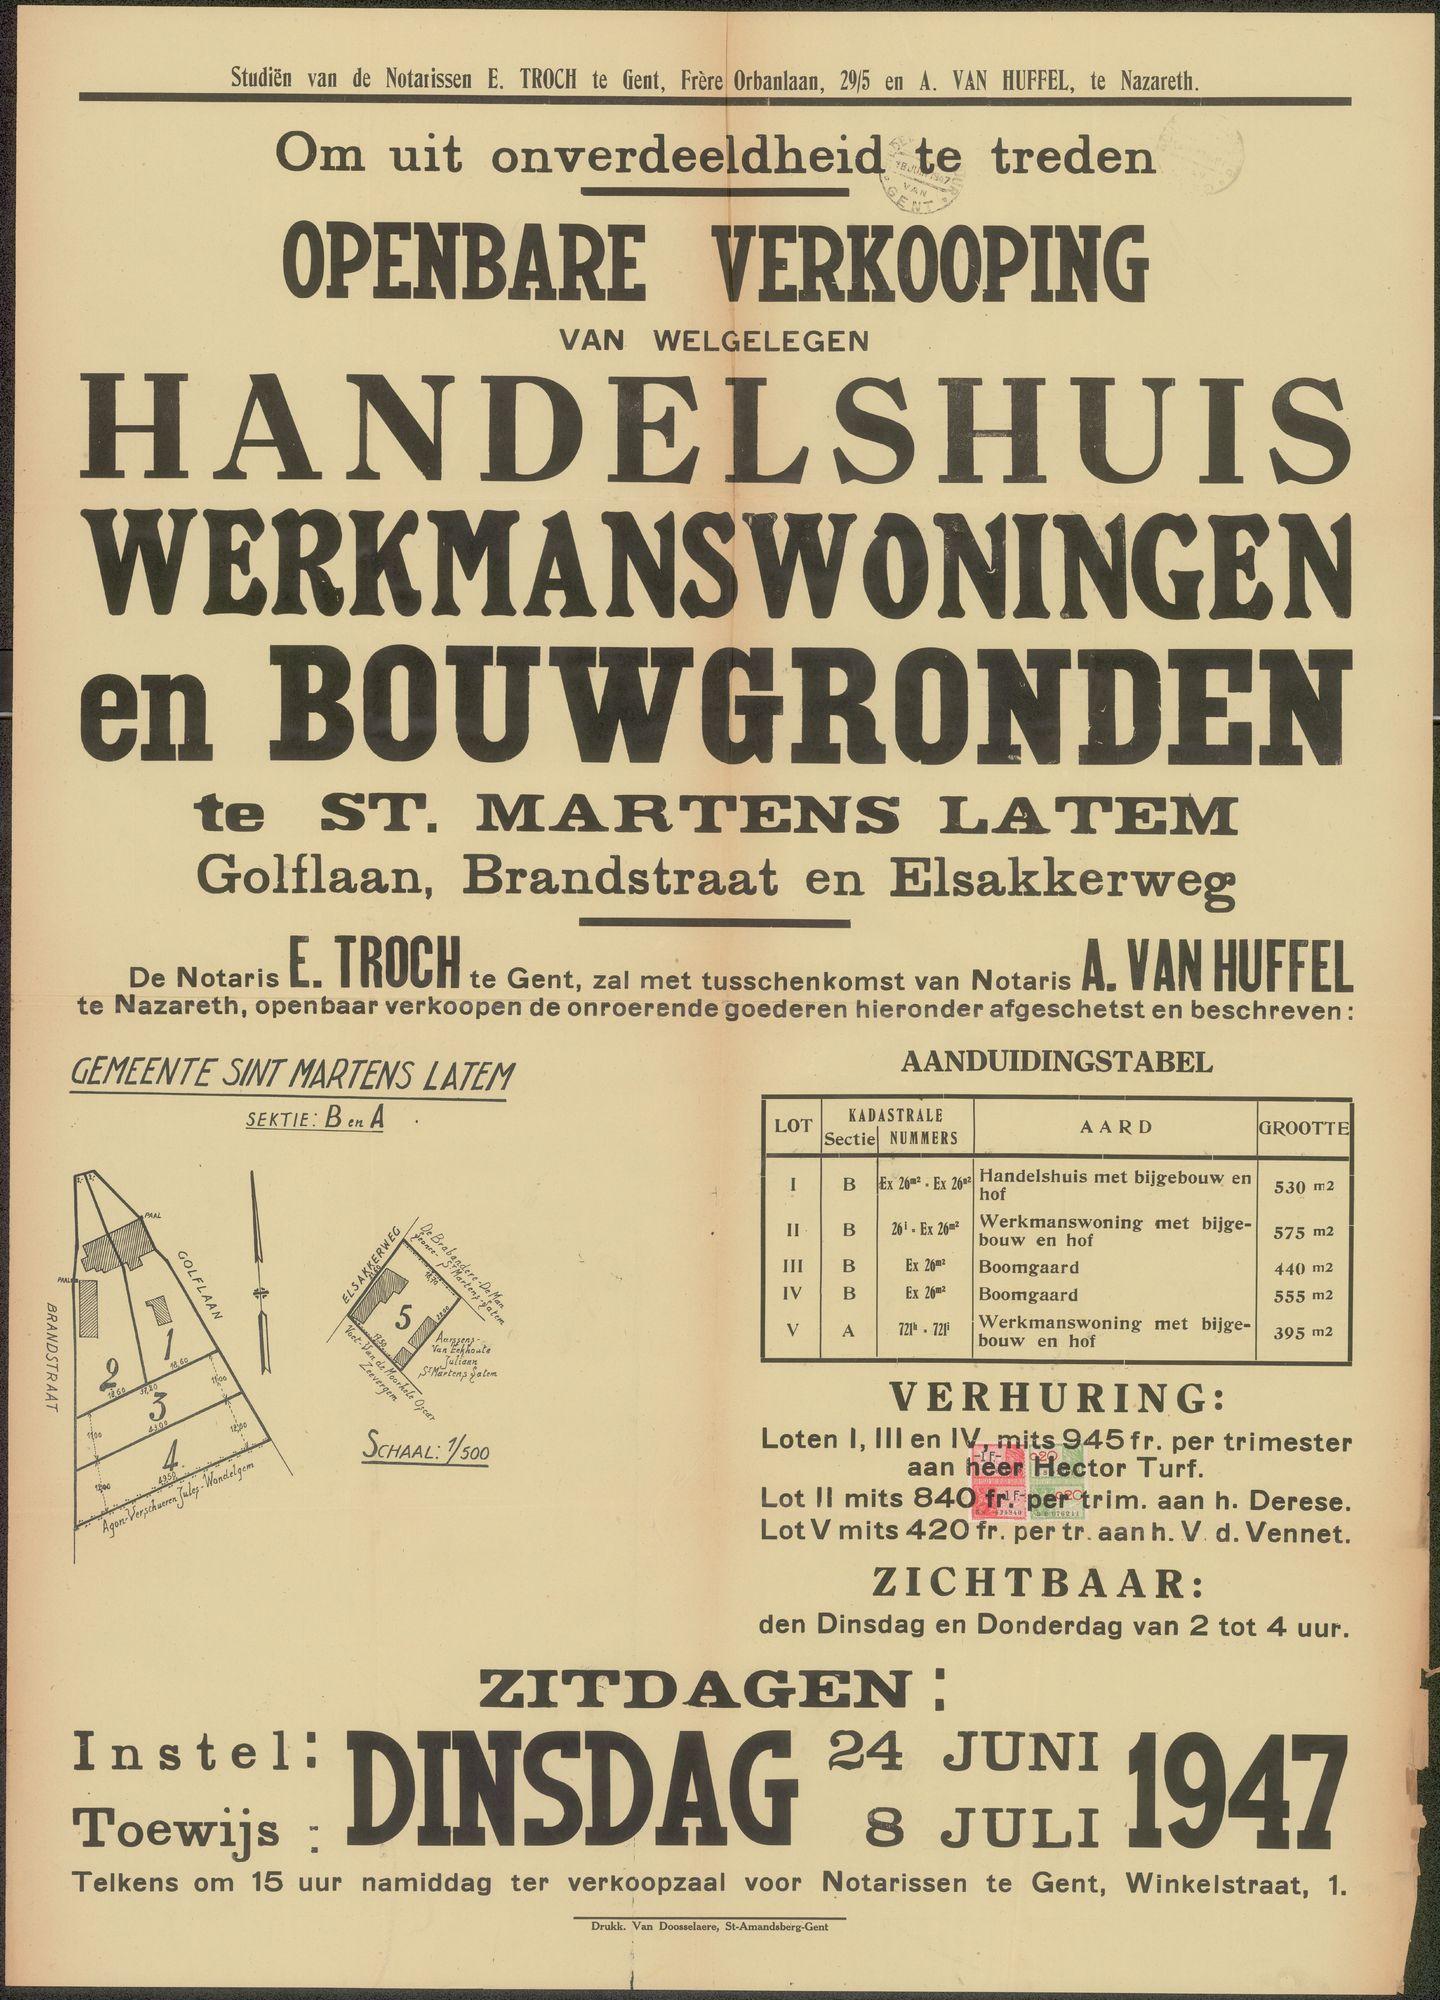 Openbare verkoop van welgelegen handelshuis, werkmanswoningen en bouwgronden te Sint-Martens-Latem, Golflaan, Brandstraat en Elsakkerweg, Gent, 8 juli 1947